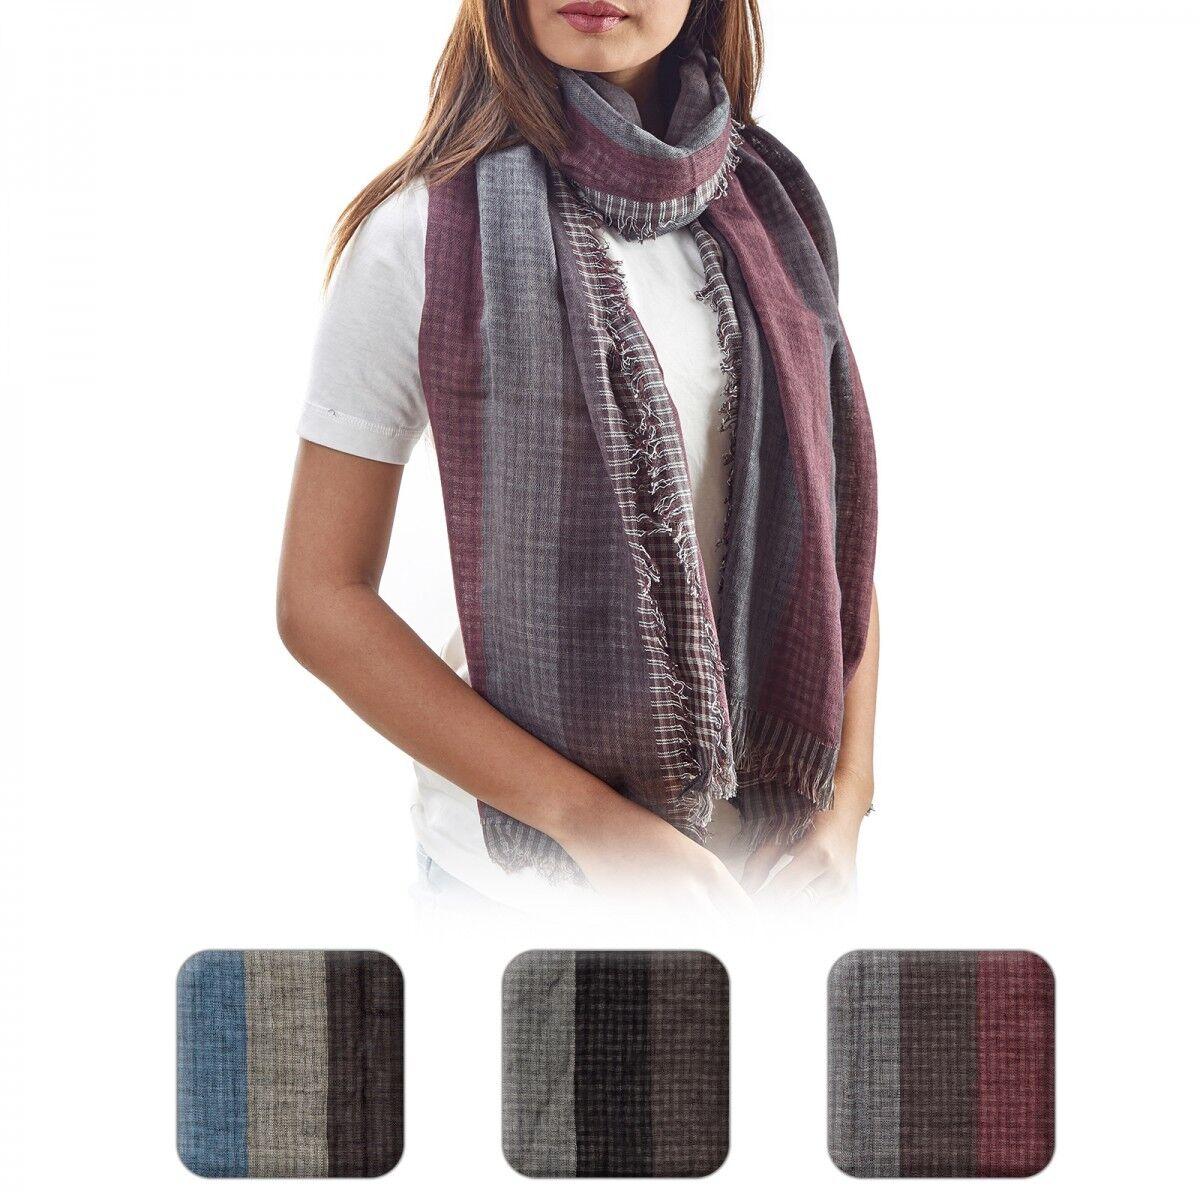 Schal für Damen Frauen Hals Tuch Streifen Karo Muster gestreift kariert dünn